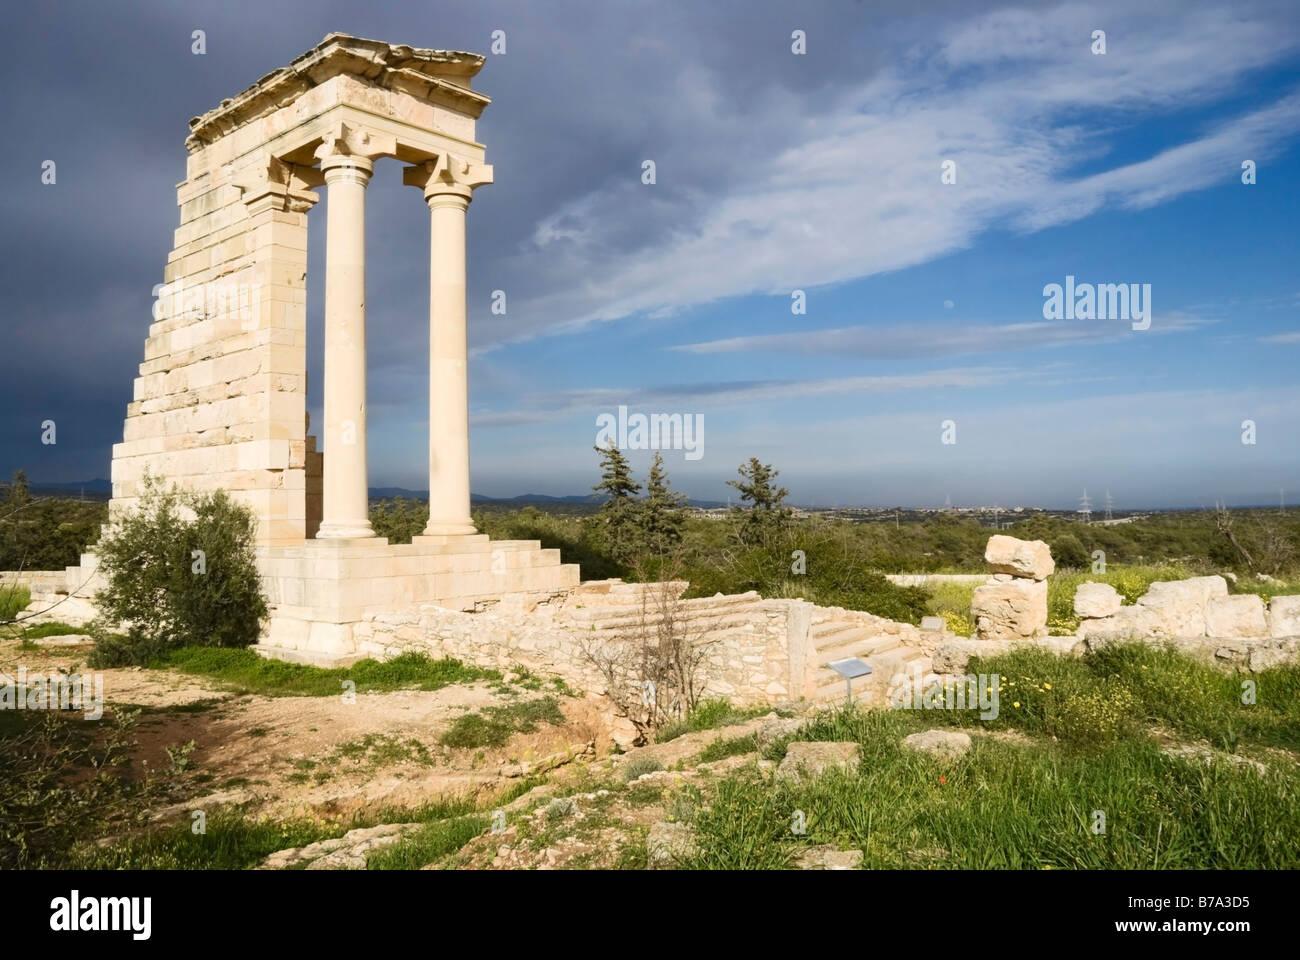 Apollo Temple, Roman excavations, Cyprus - Stock Image